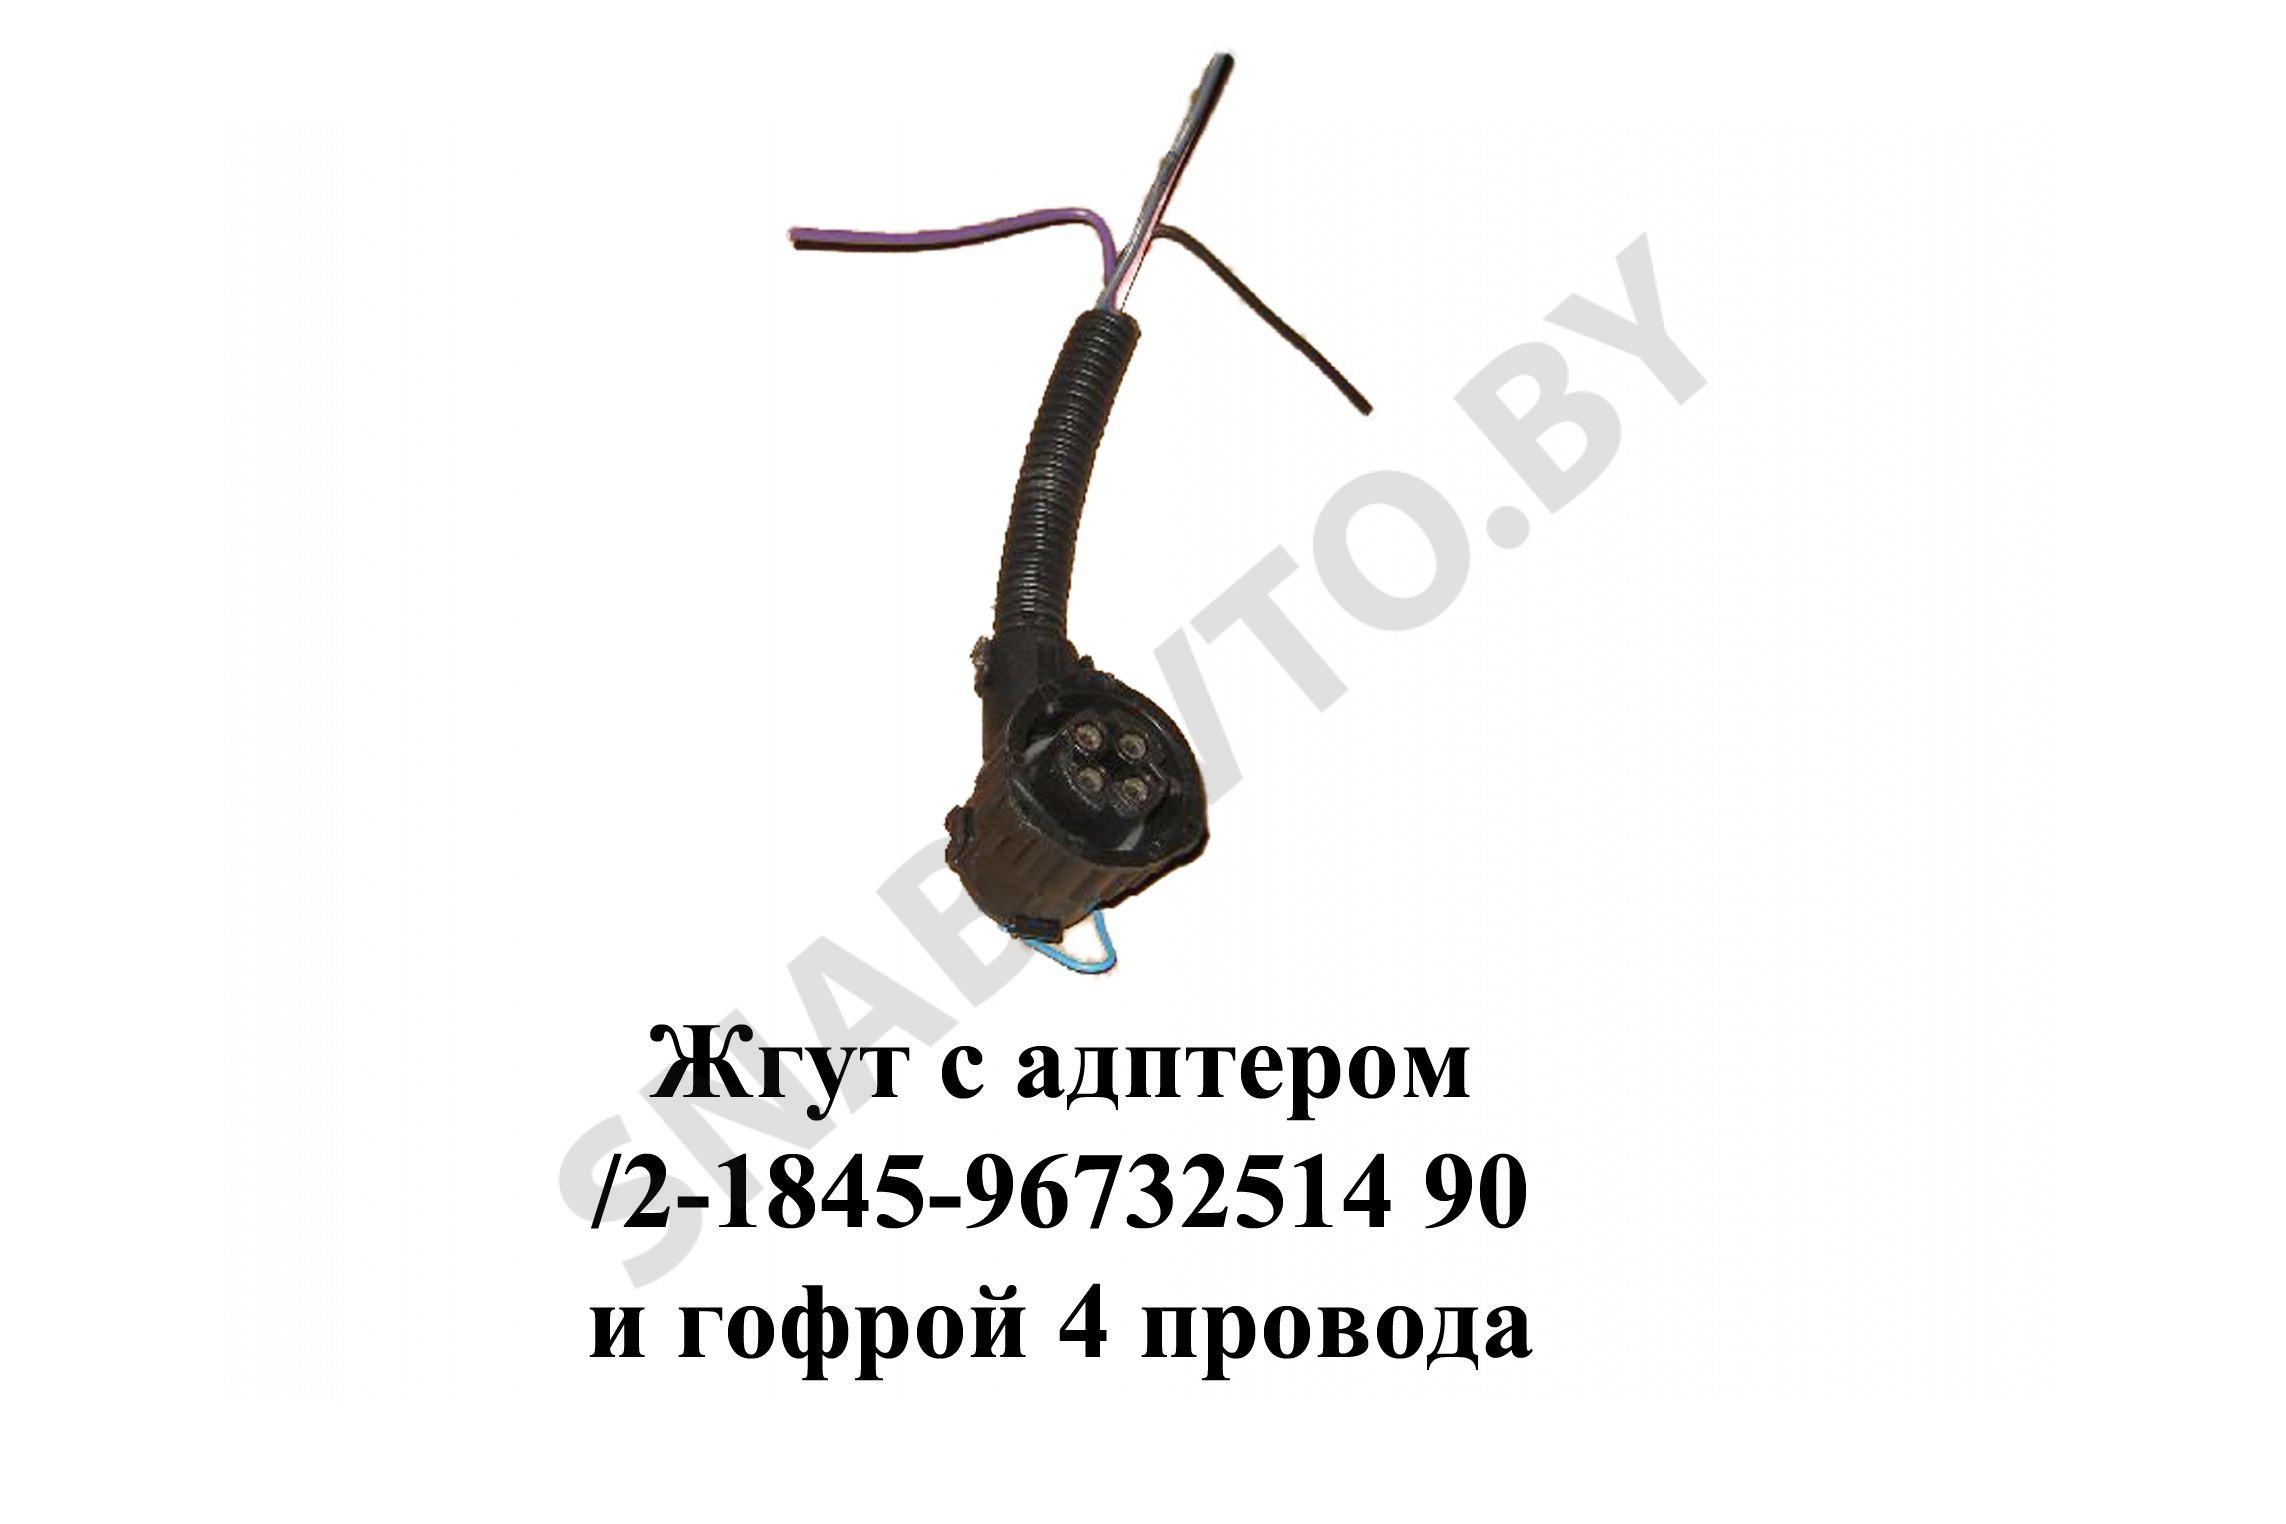 2-1845-96732514 5 Ремавтоснаб